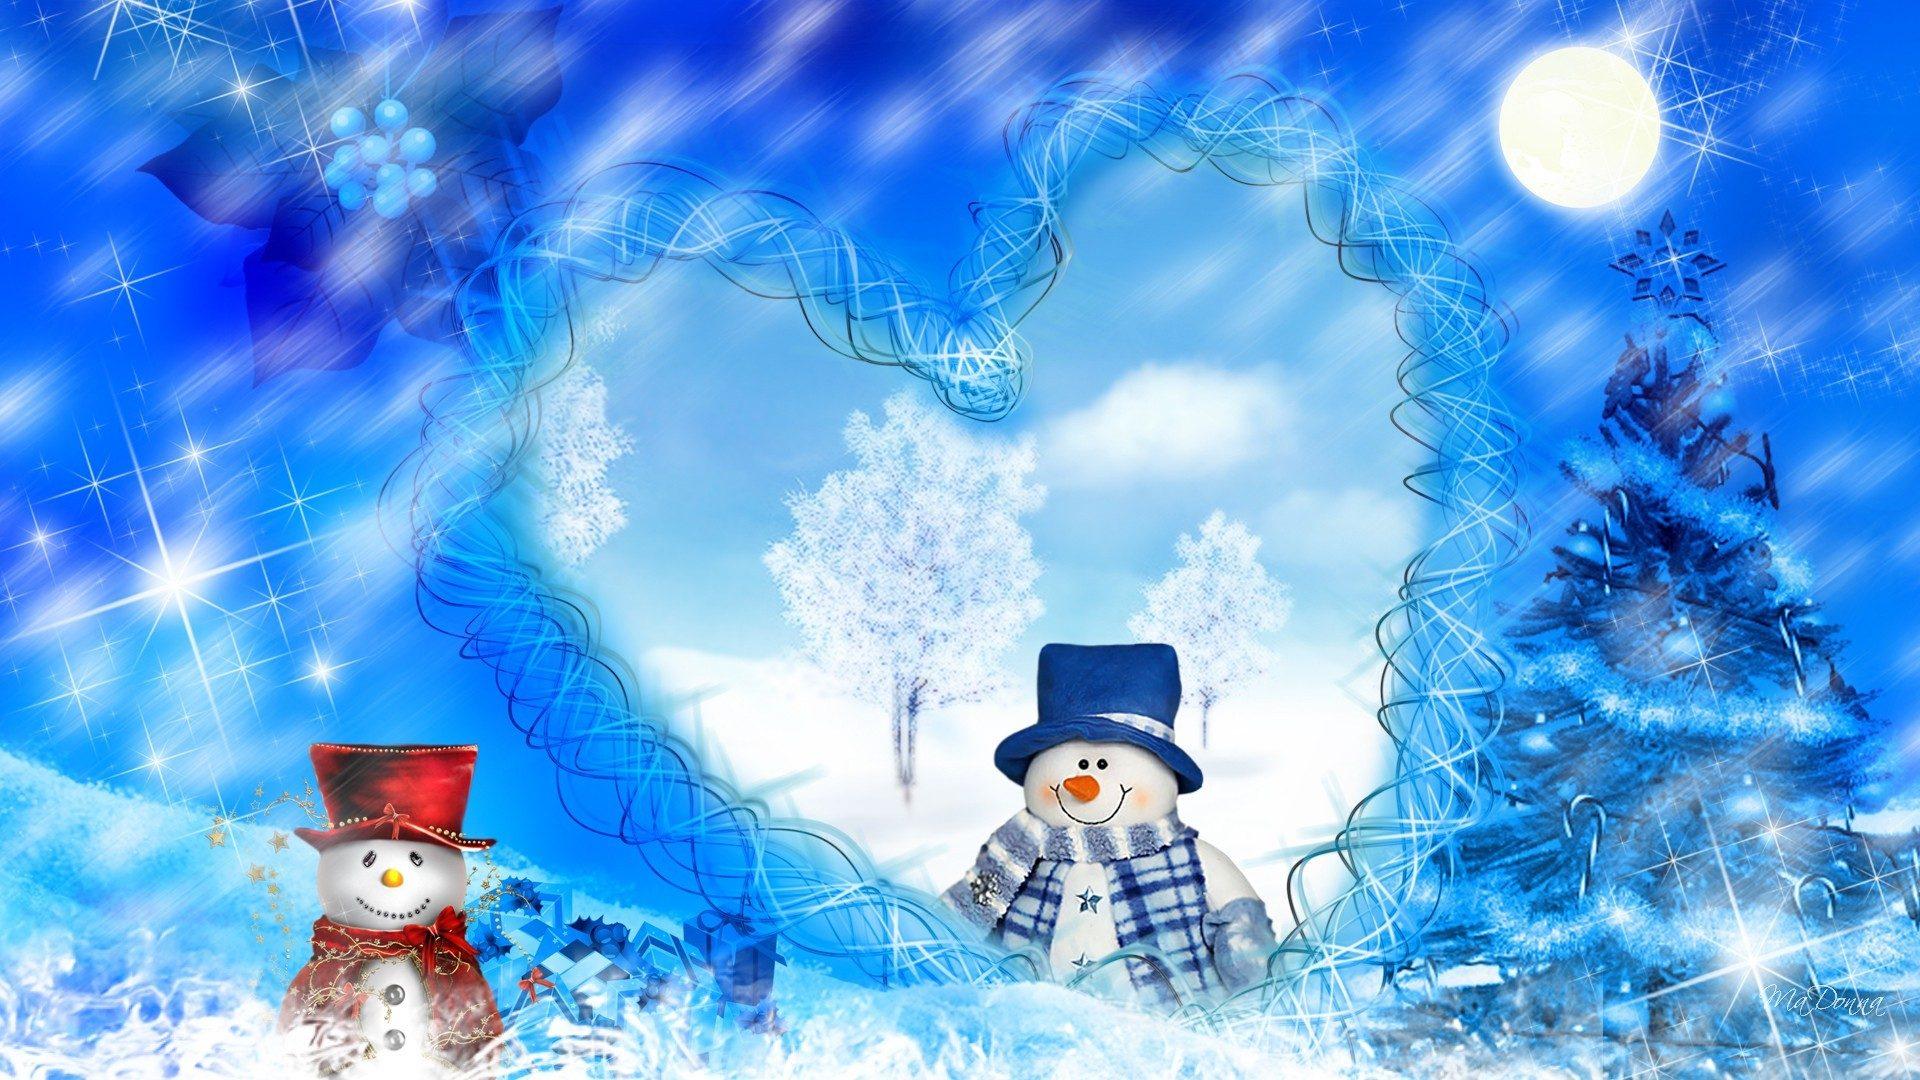 Winter Wallpapers HD free download | PixelsTalk Net